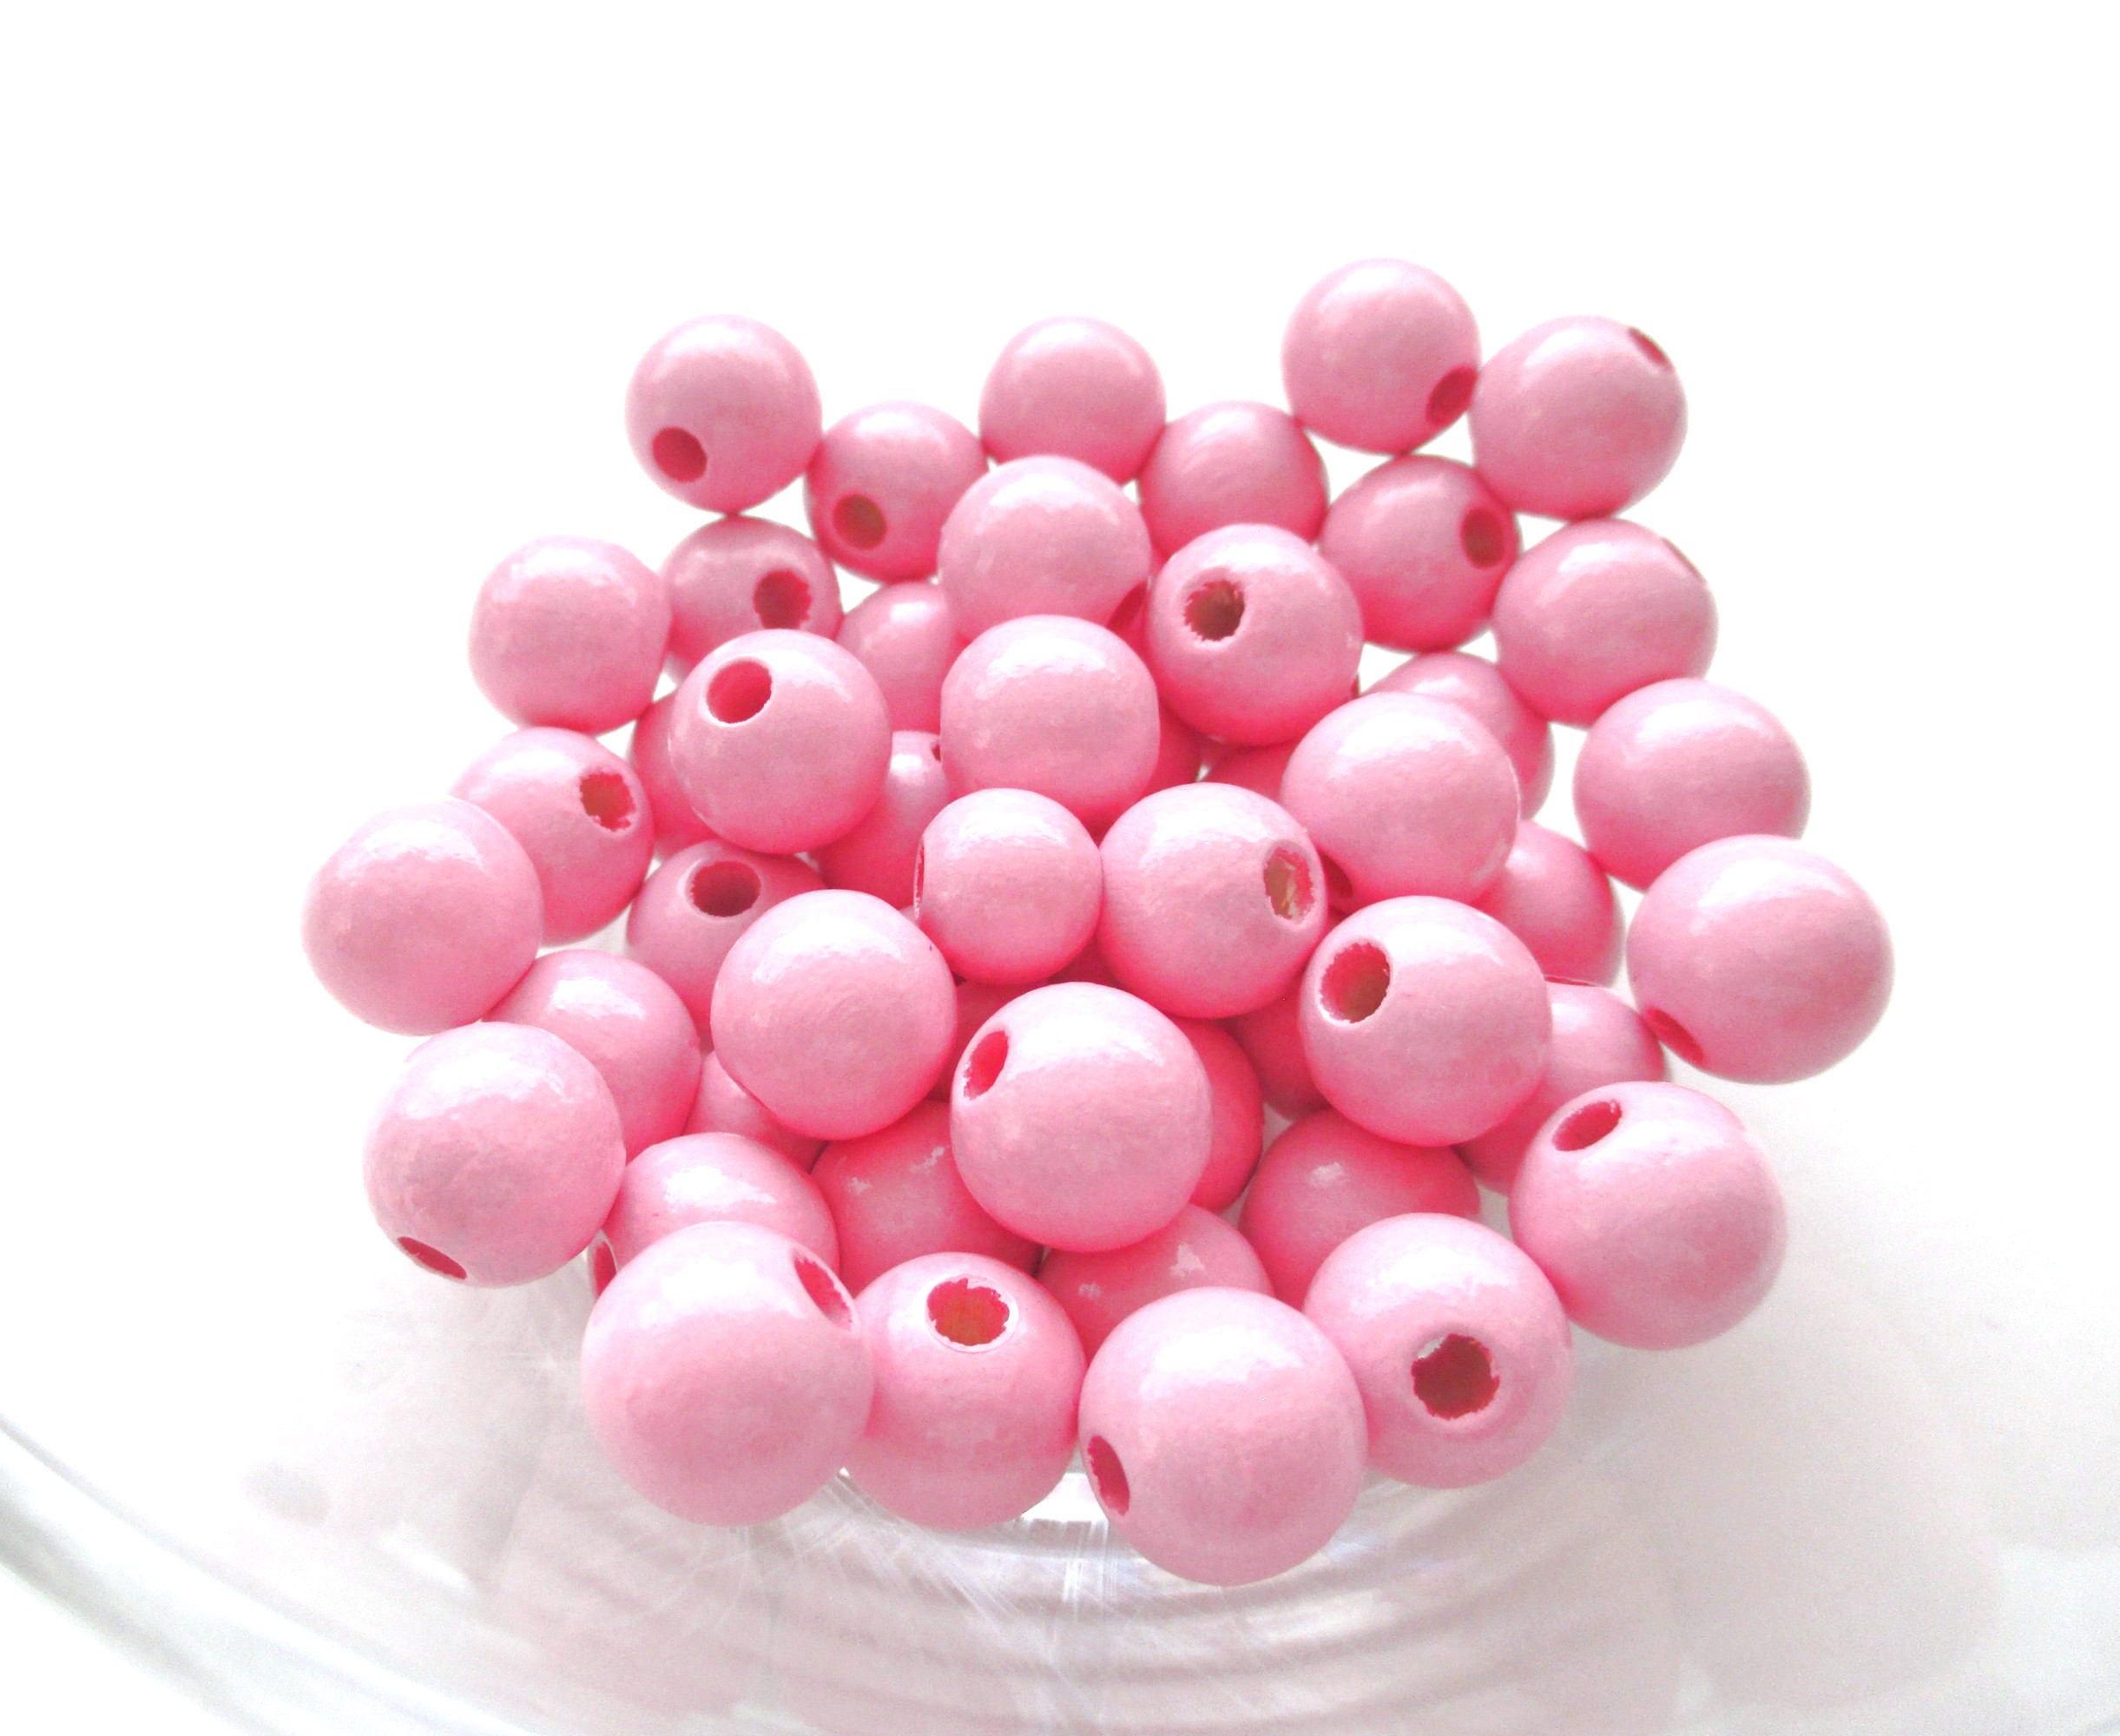 50 perles en bois pour attache t tine 8mm rose - Perle en bois pour attache tetine ...